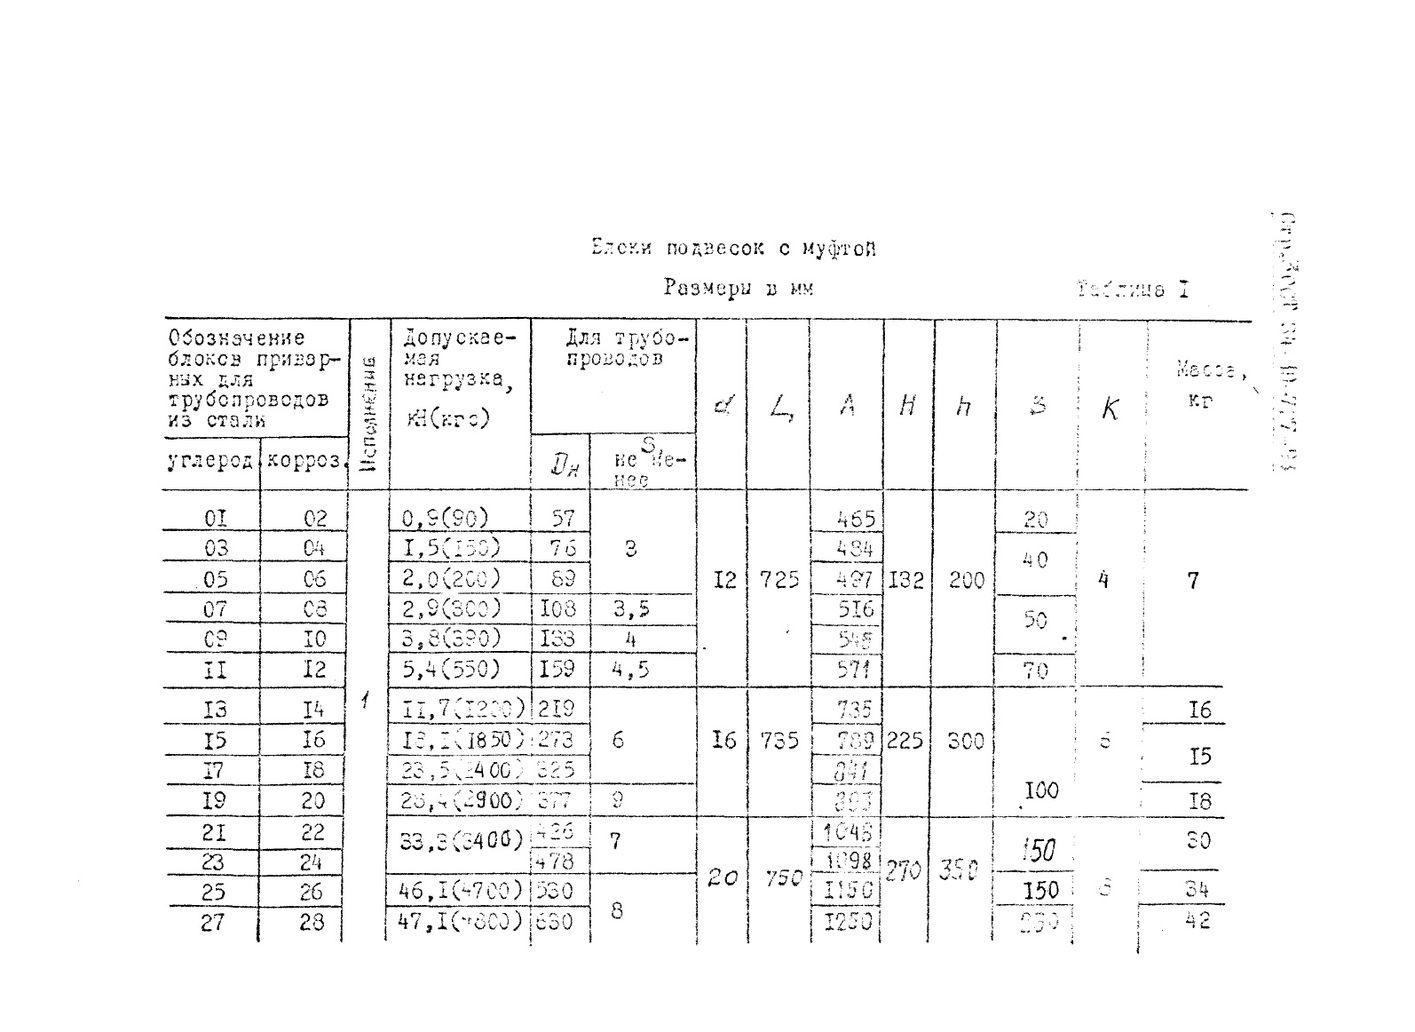 Блоки подвесок приварные для вертикальных трубопроводов ОСТ 34-10-727-93 стр.3